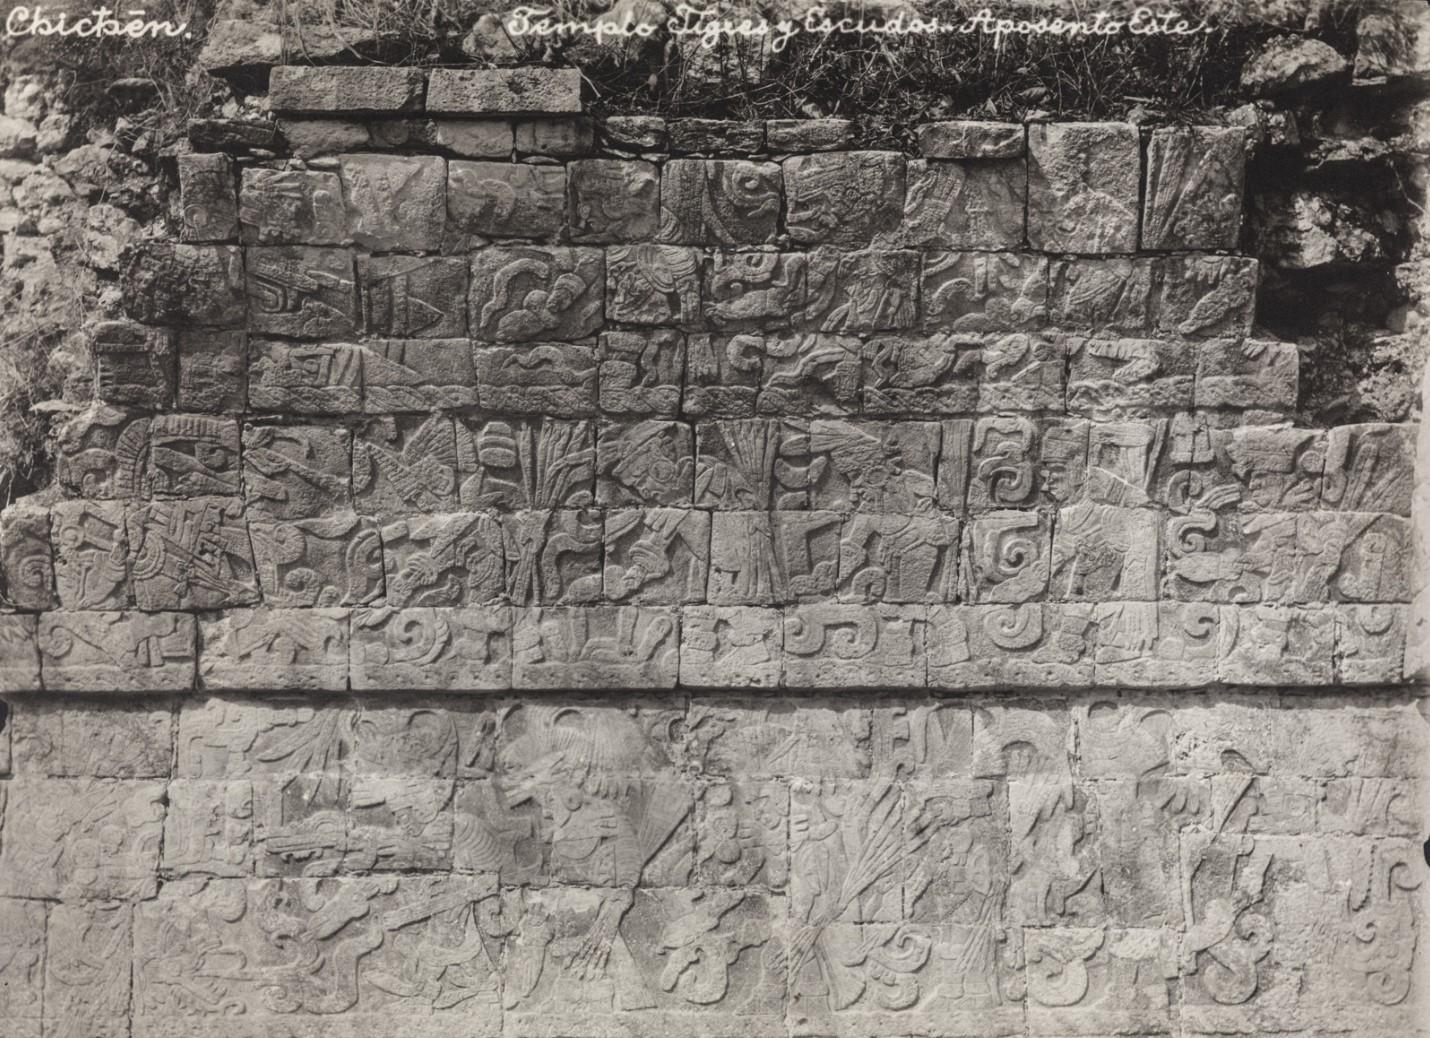 Чичен-Ица. Рельеф фасада на восточной стороне храма Ягуаров